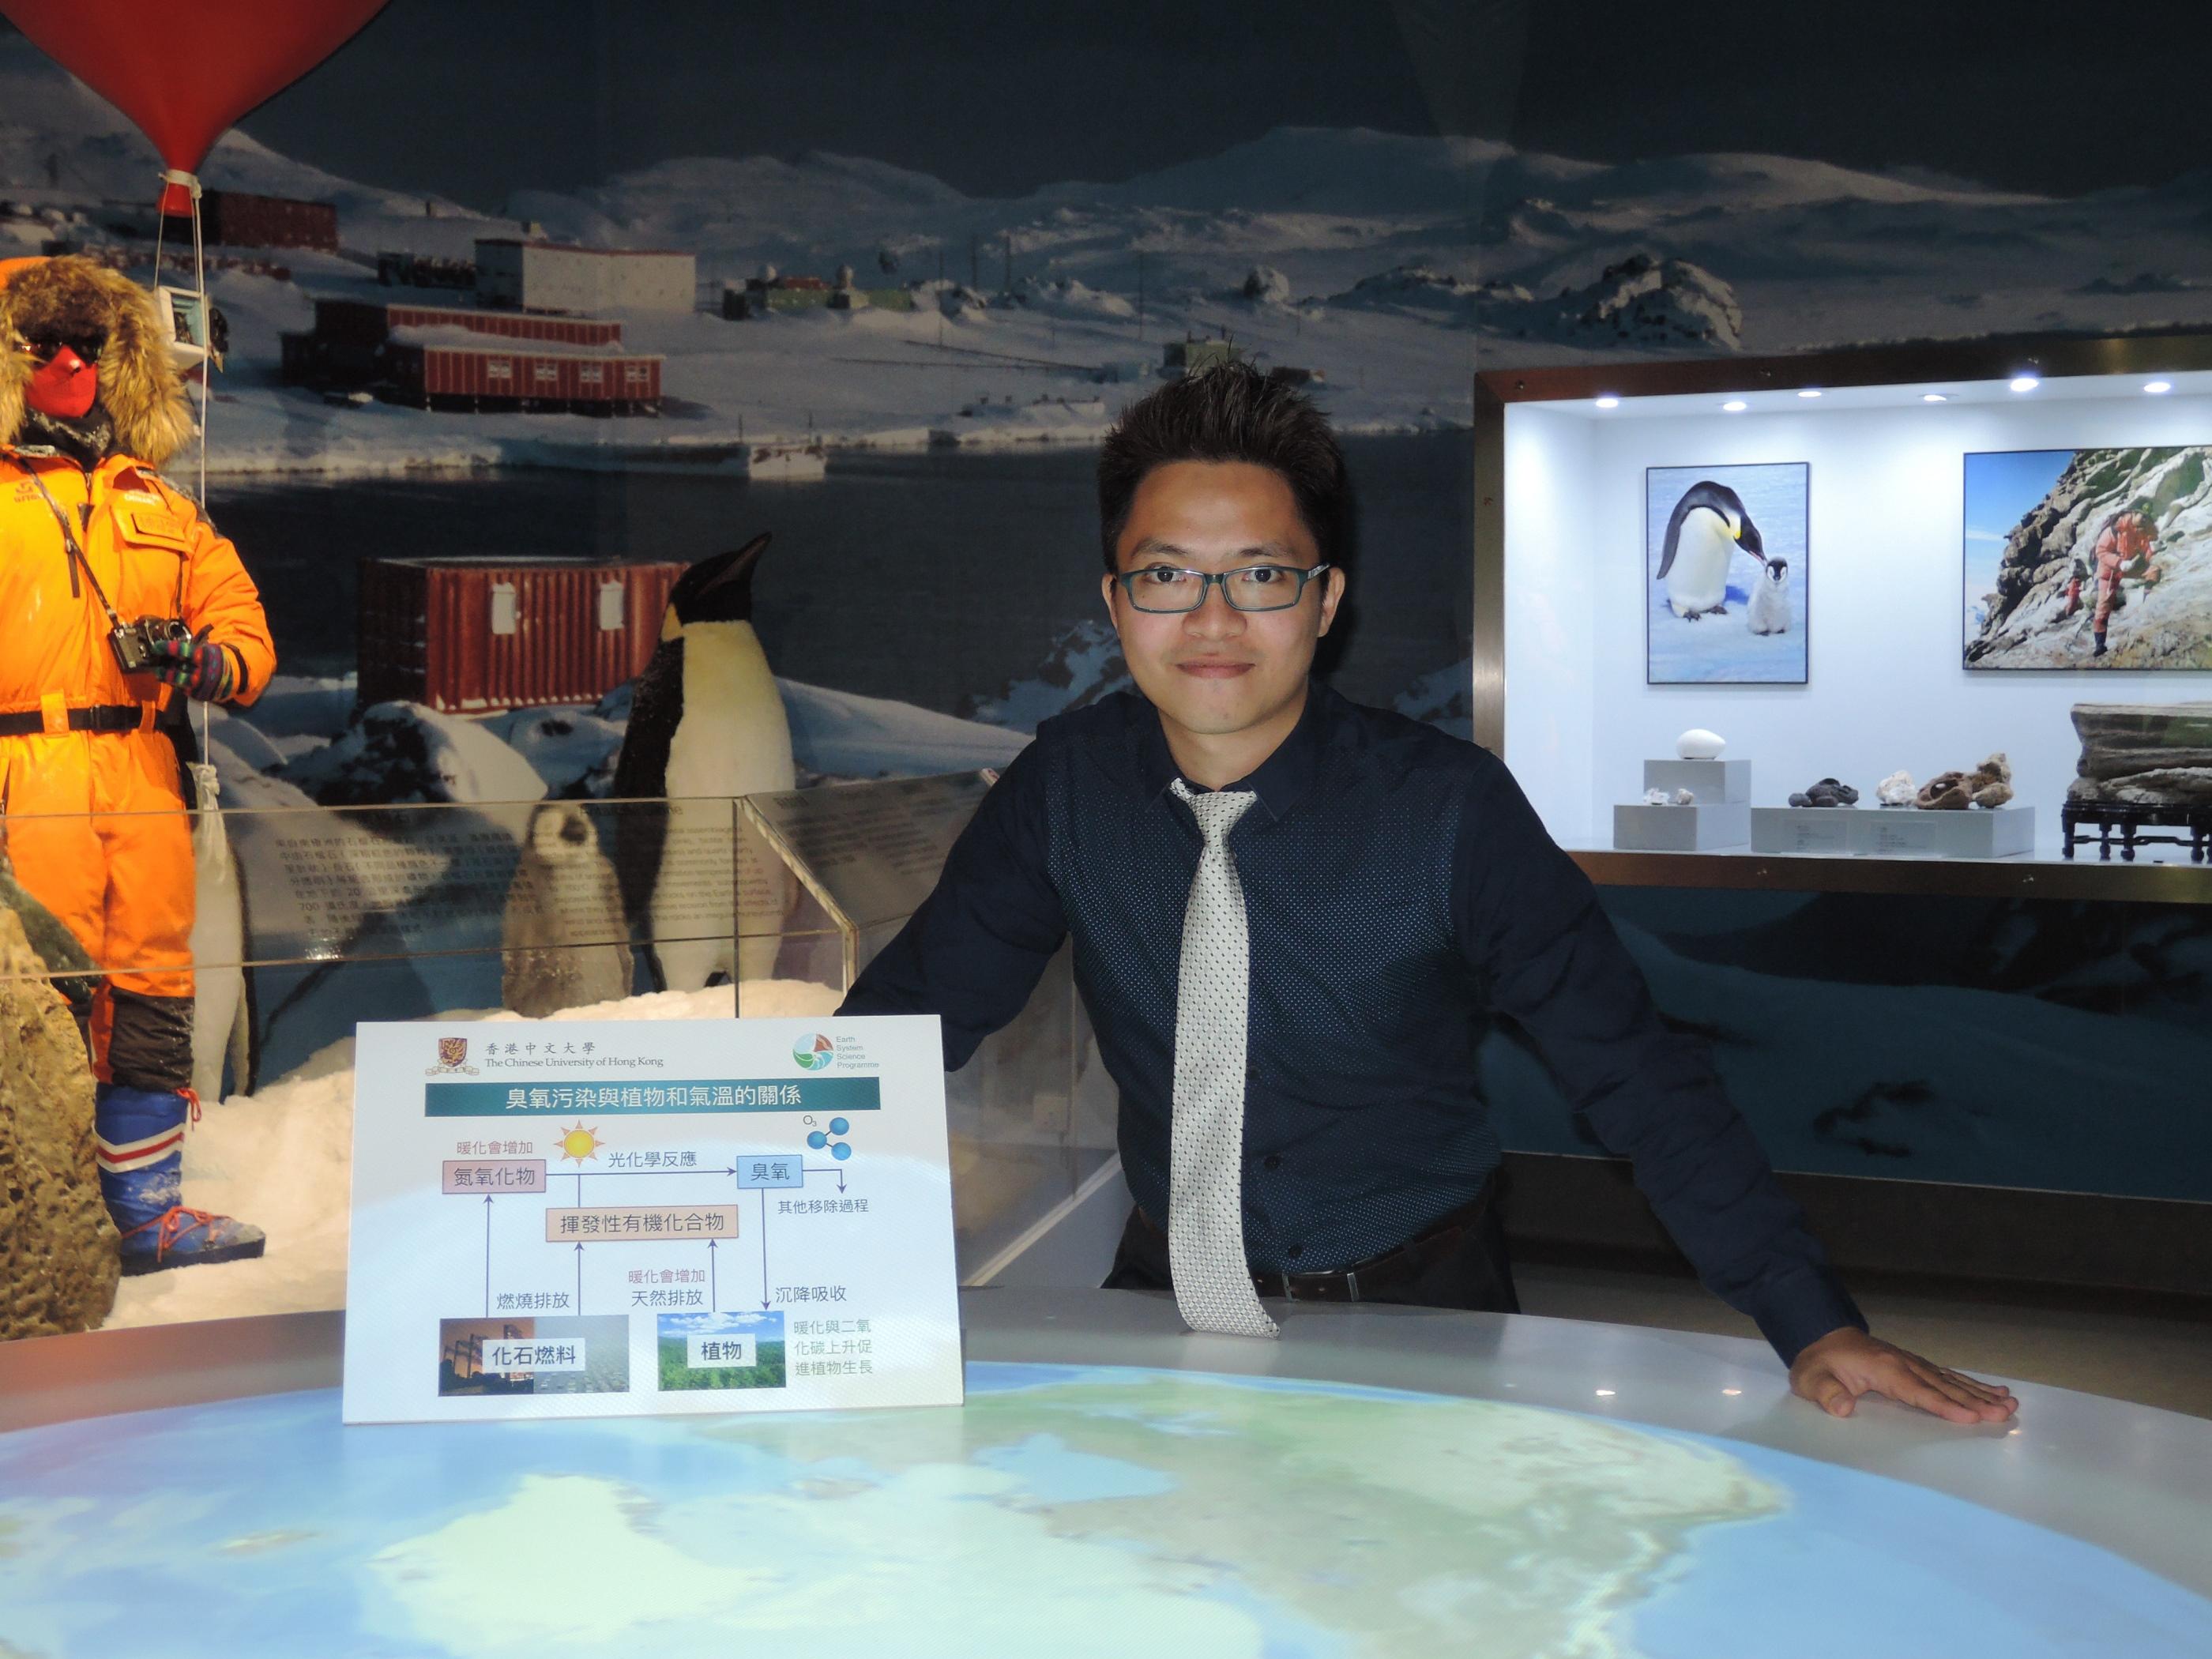 中大理學院地球系統科學課程助理教授戴沛權教授